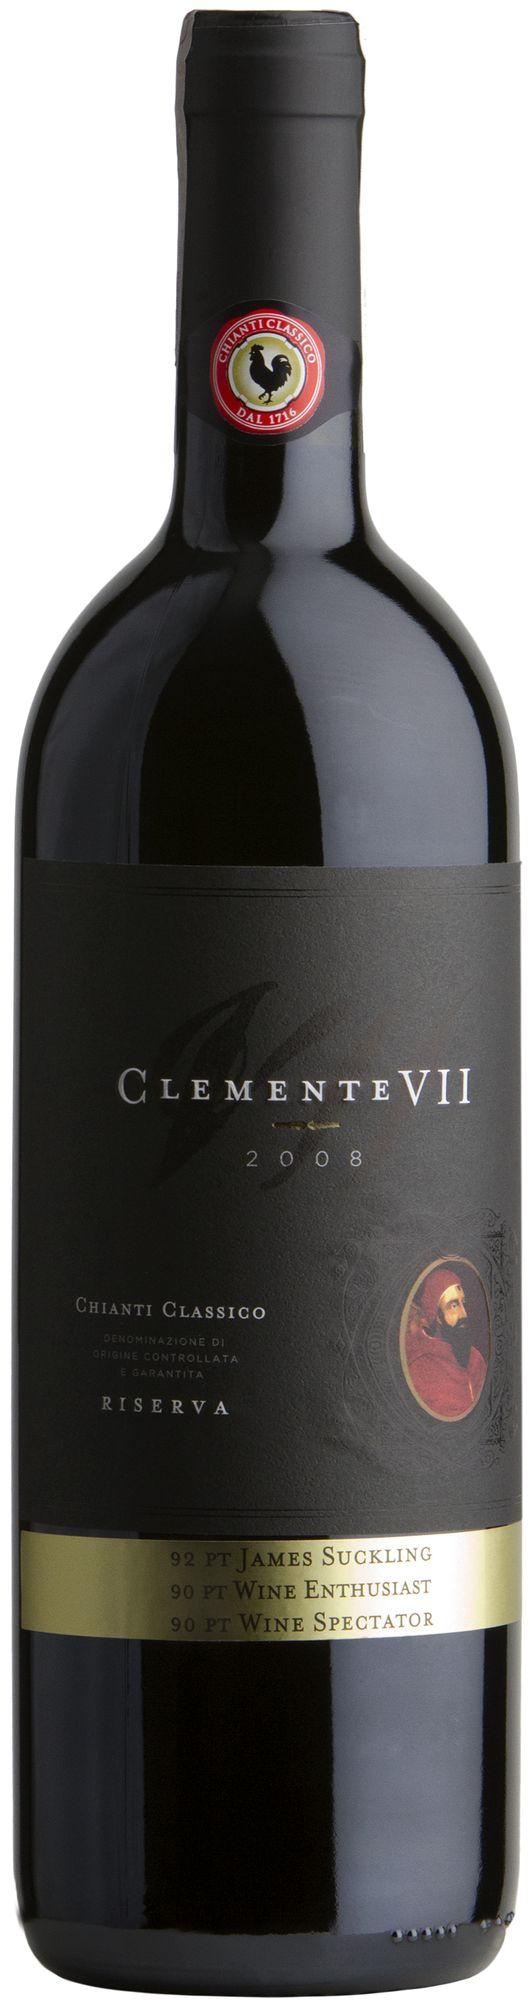 Wino Grevepesa Clemente VII Chianti Classico Riserva DOCG